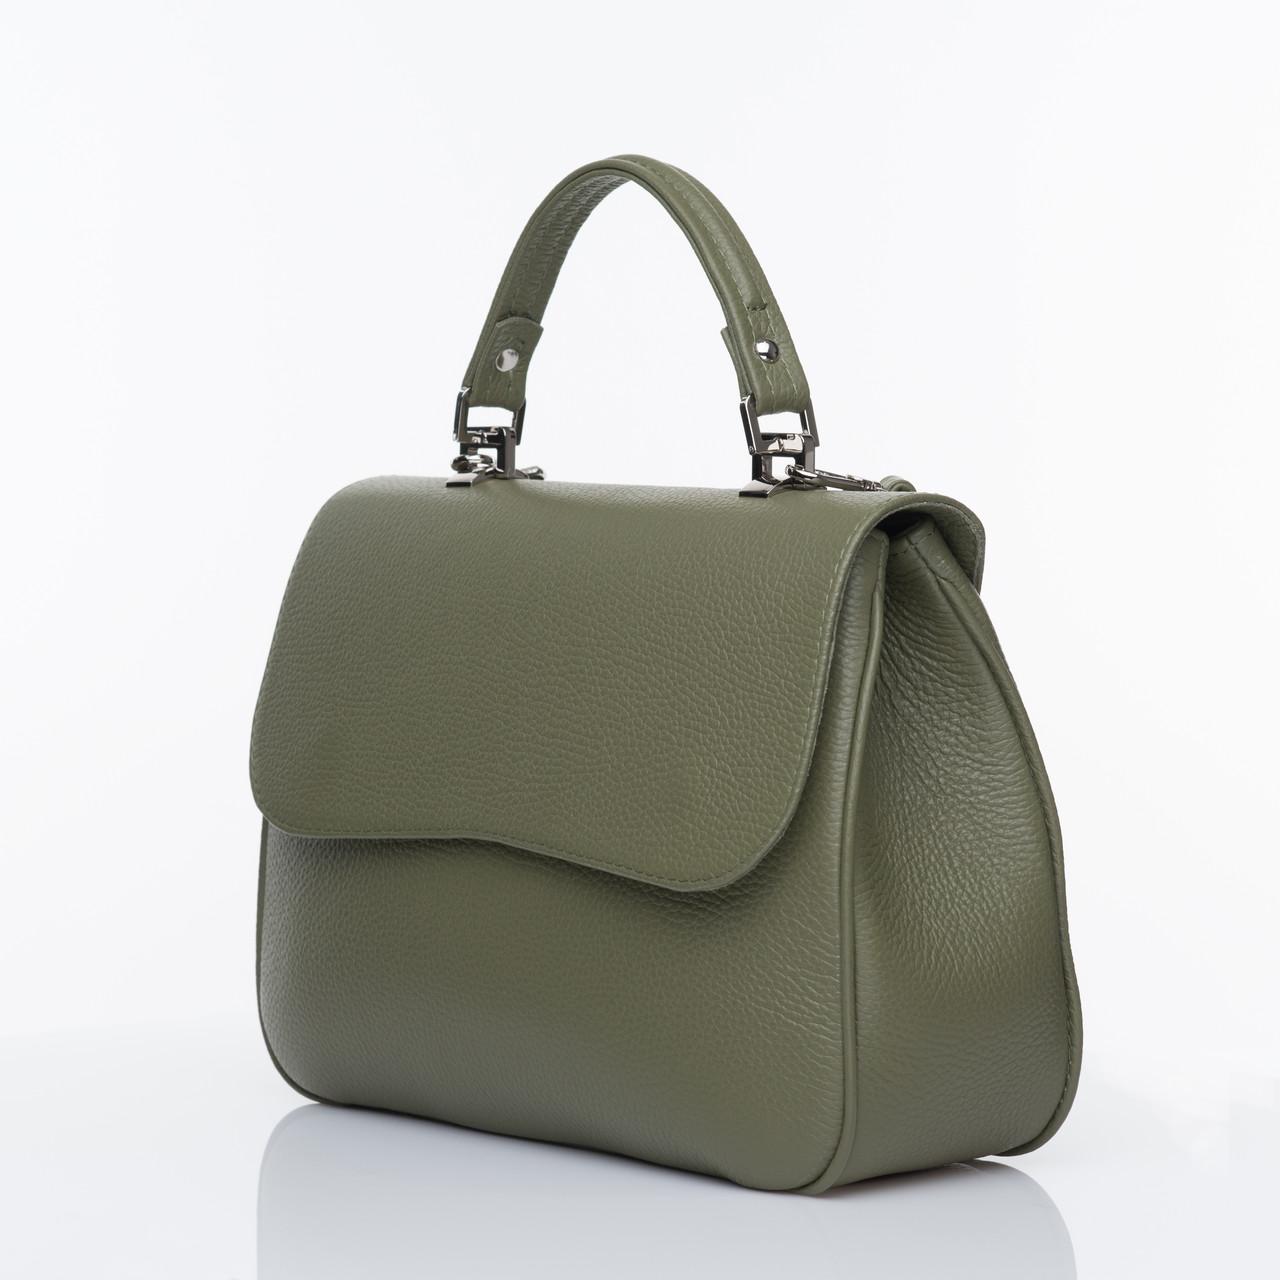 Женская кожаная сумка хаки 25*19*10 см